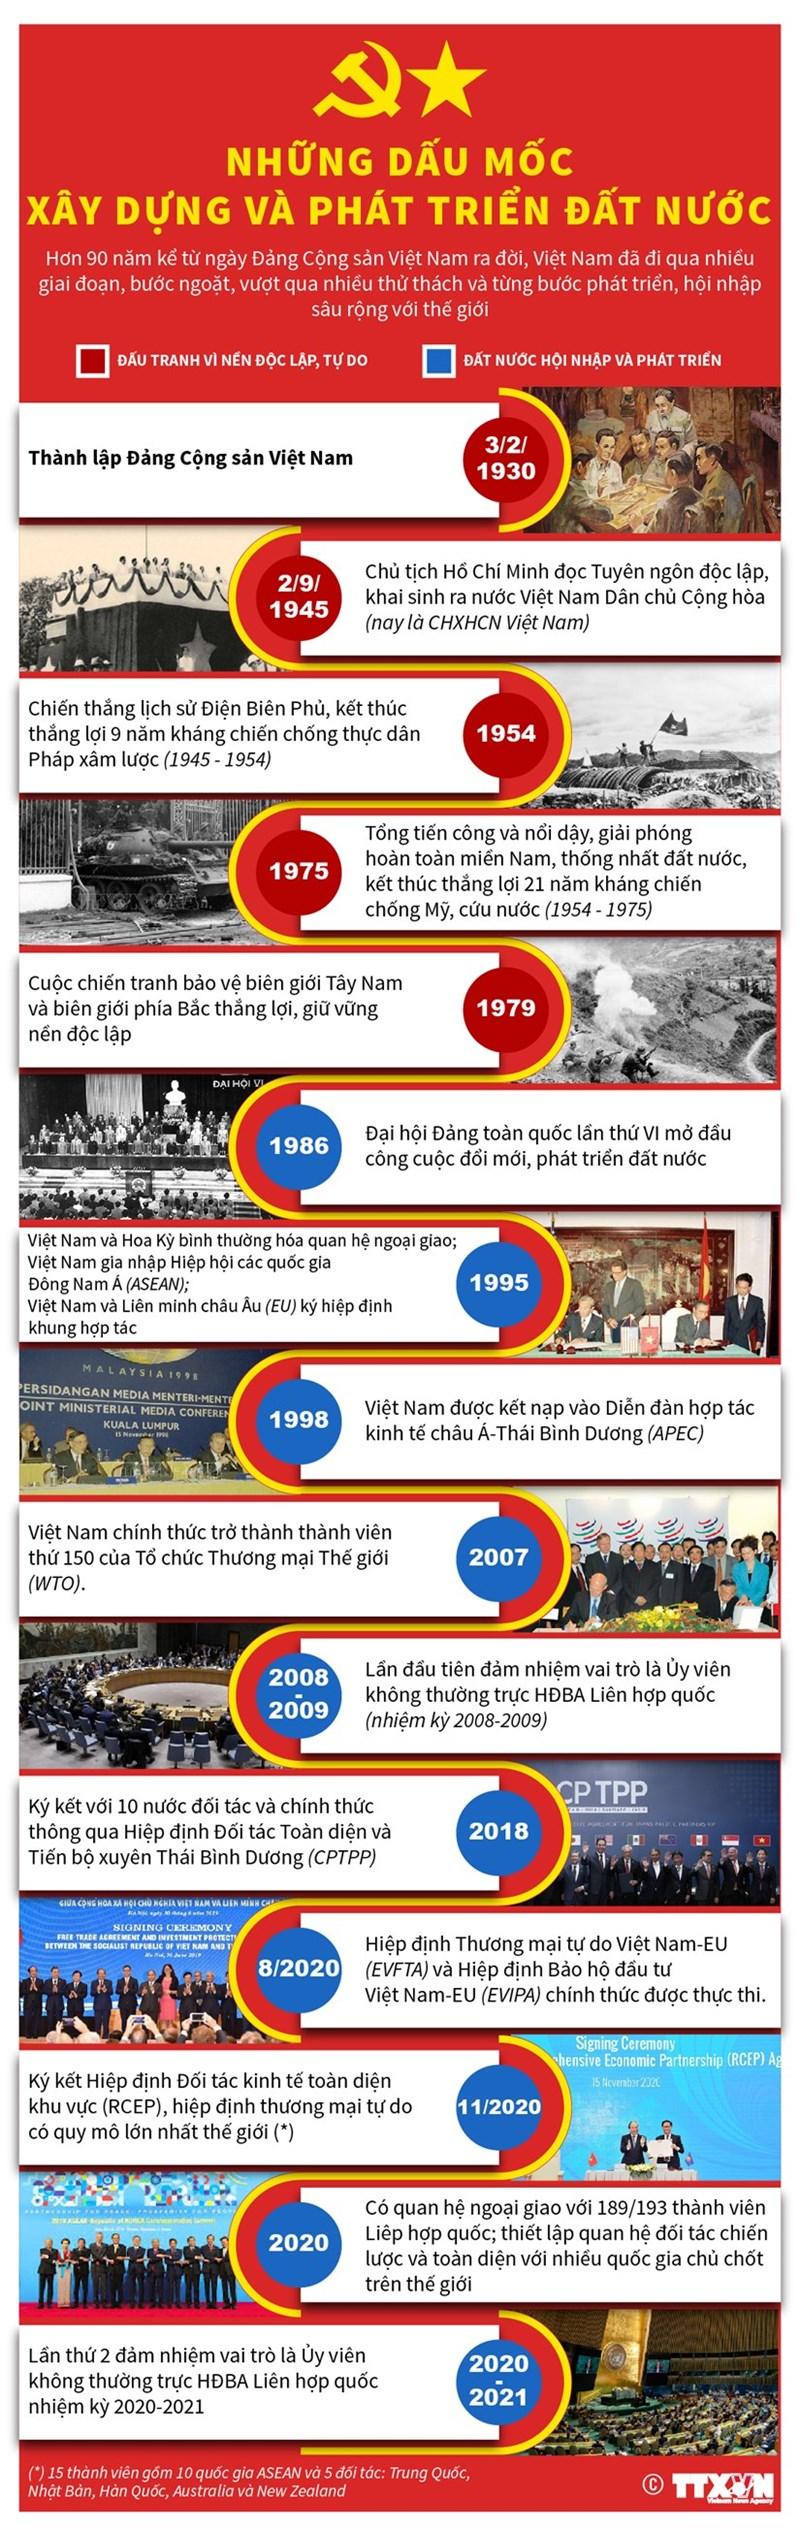 [Infographics] Những dấu mốc xây dựng và phát triển đất nước - Ảnh 1